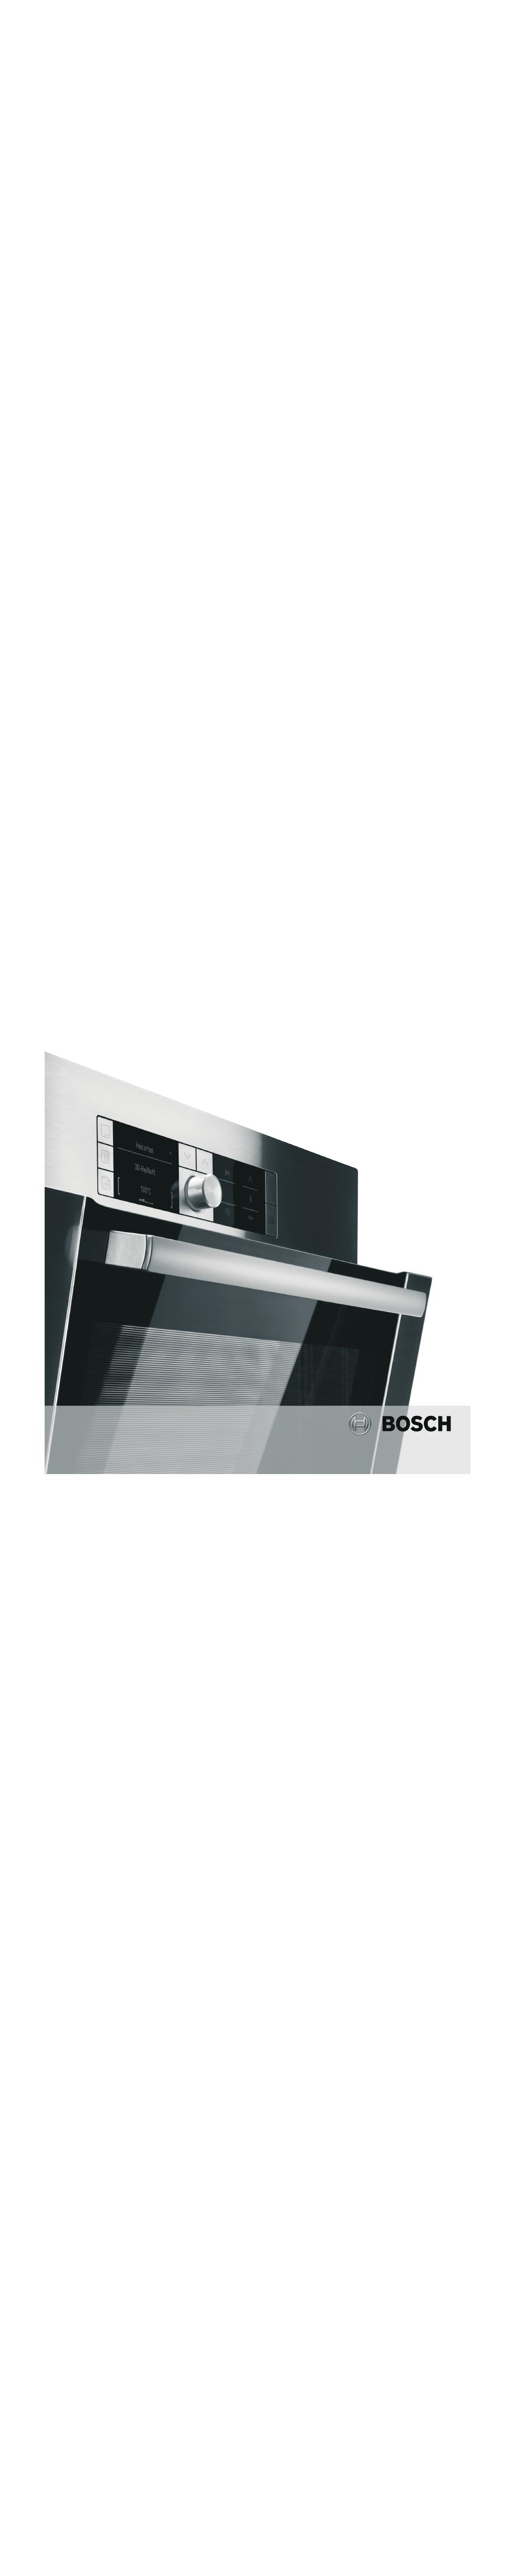 Bosch hba63b251 manuals.